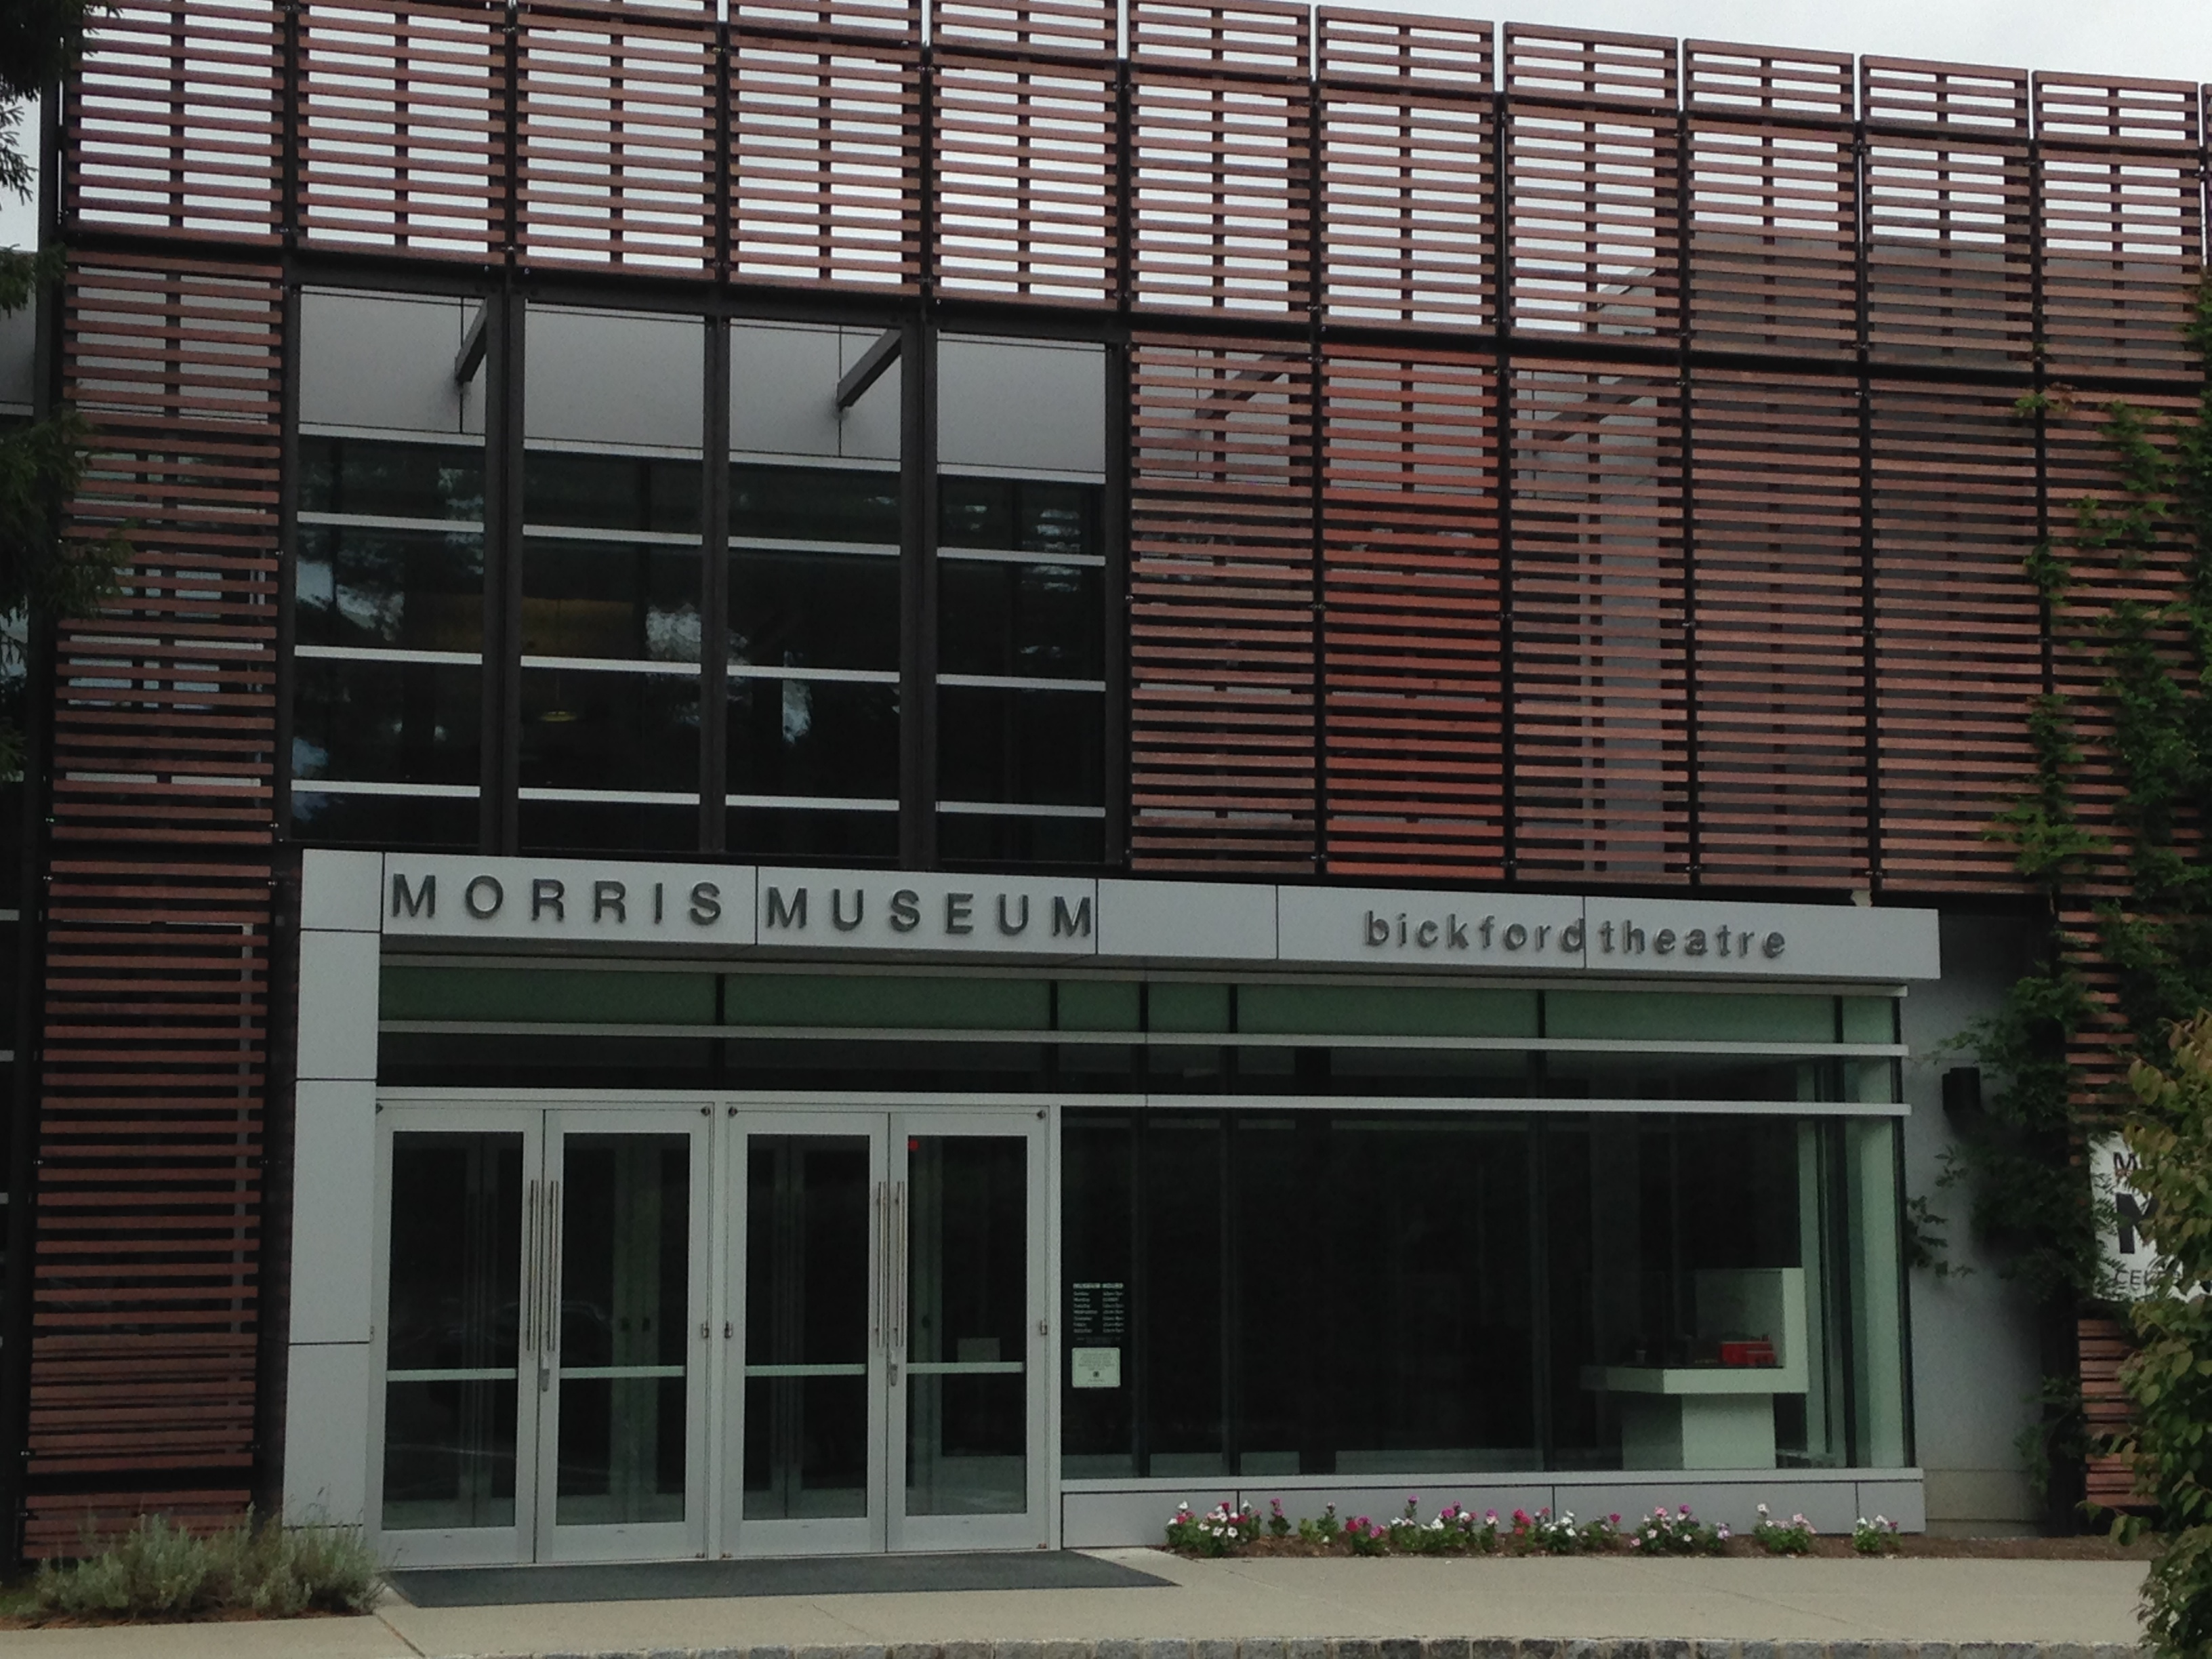 4bd56414be7dbf645aaa_morris_museums.jpg